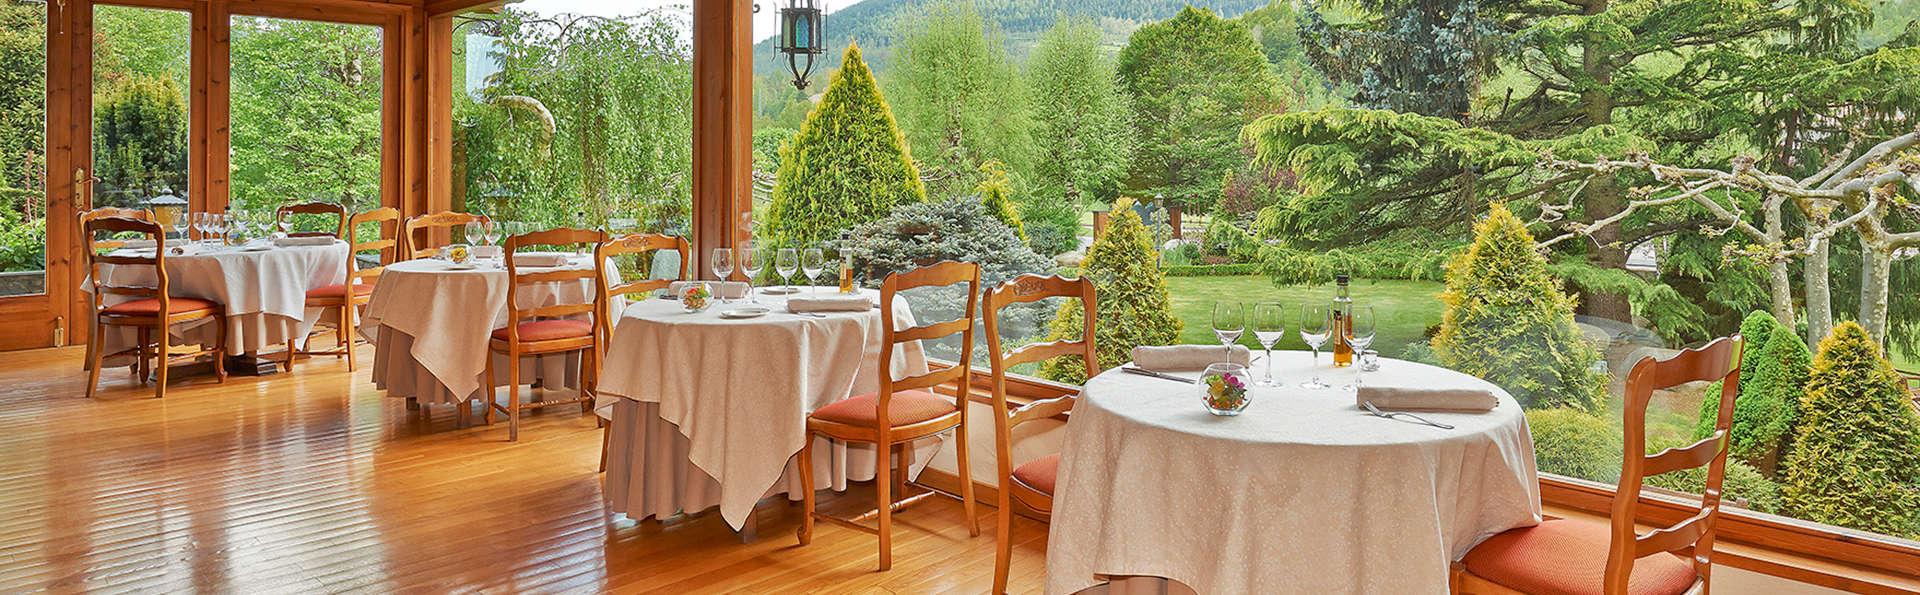 Escapada Gourmet: cena gastronómica y acceso a la zona termal cerca de Camprodon